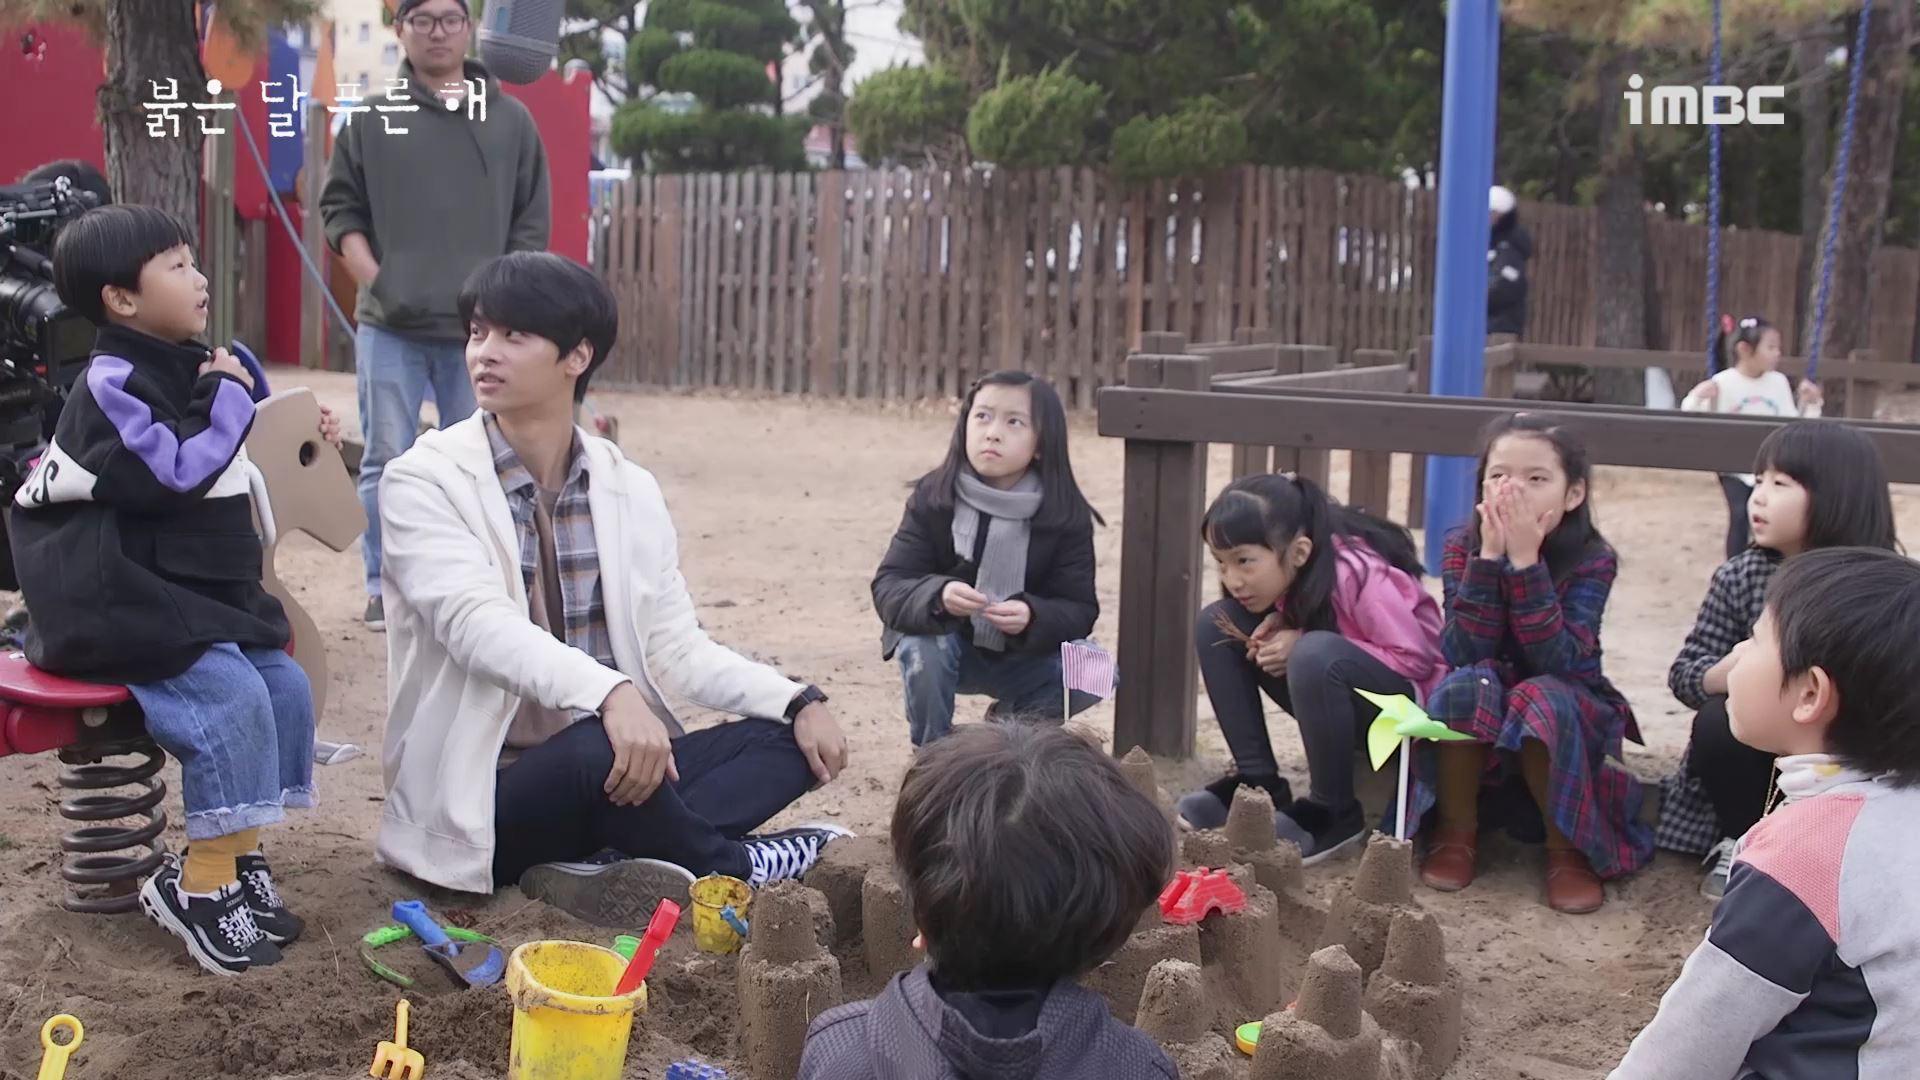 [M플레이] '붉은 달 푸른 해' 차학연, 아이들에겐 '사랑아찌'? 훈훈함이 뚝뚝